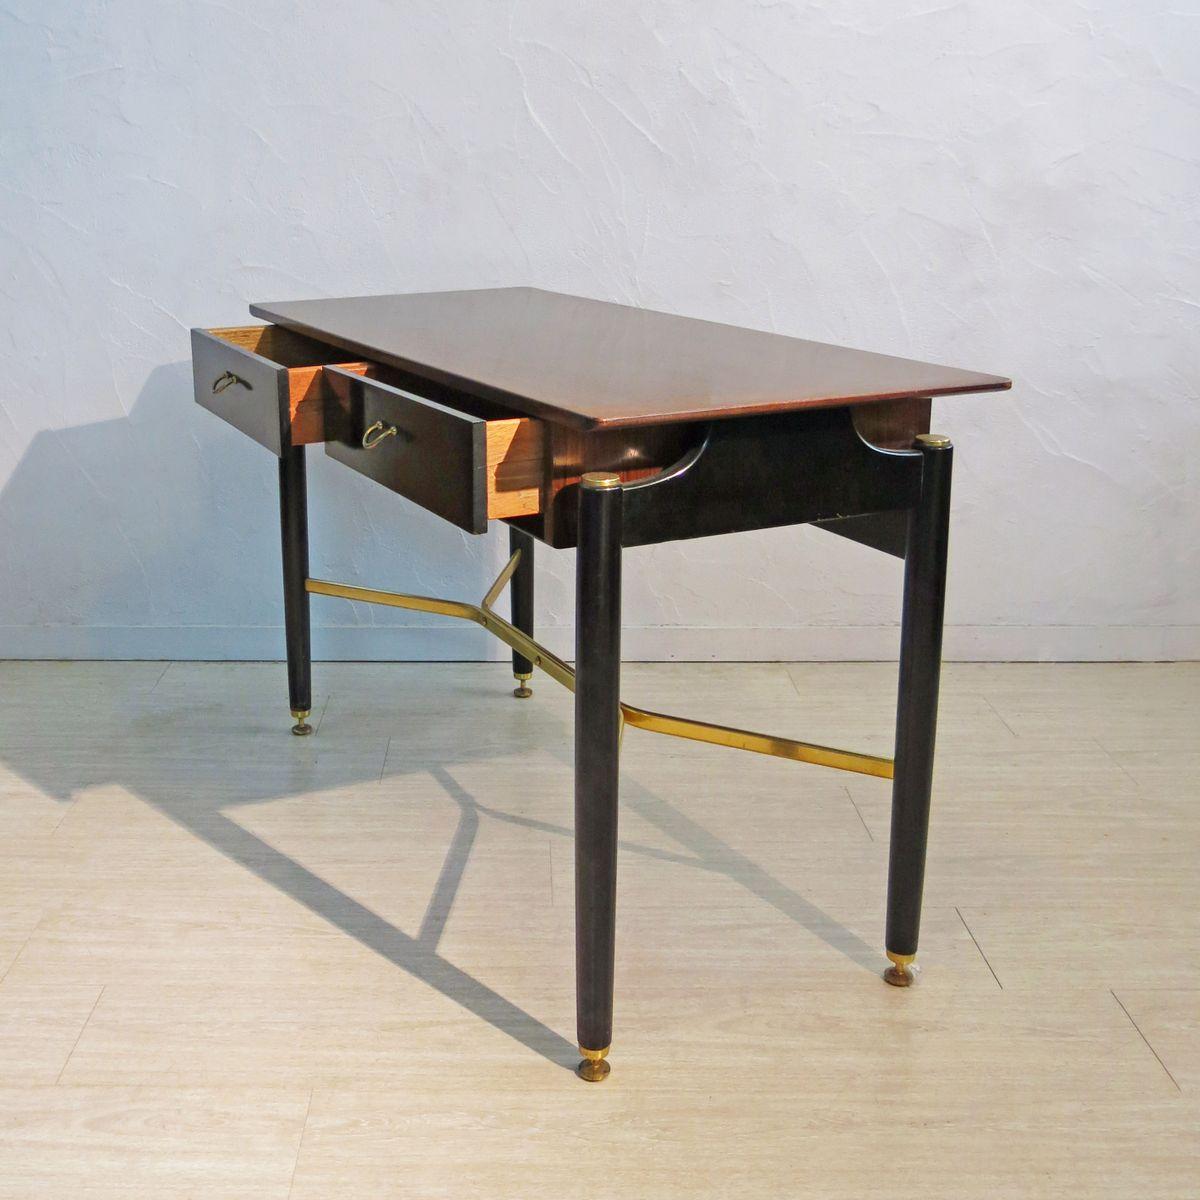 schreibtisch aus holz messing von g plan e gomme 1950er bei pamono kaufen. Black Bedroom Furniture Sets. Home Design Ideas